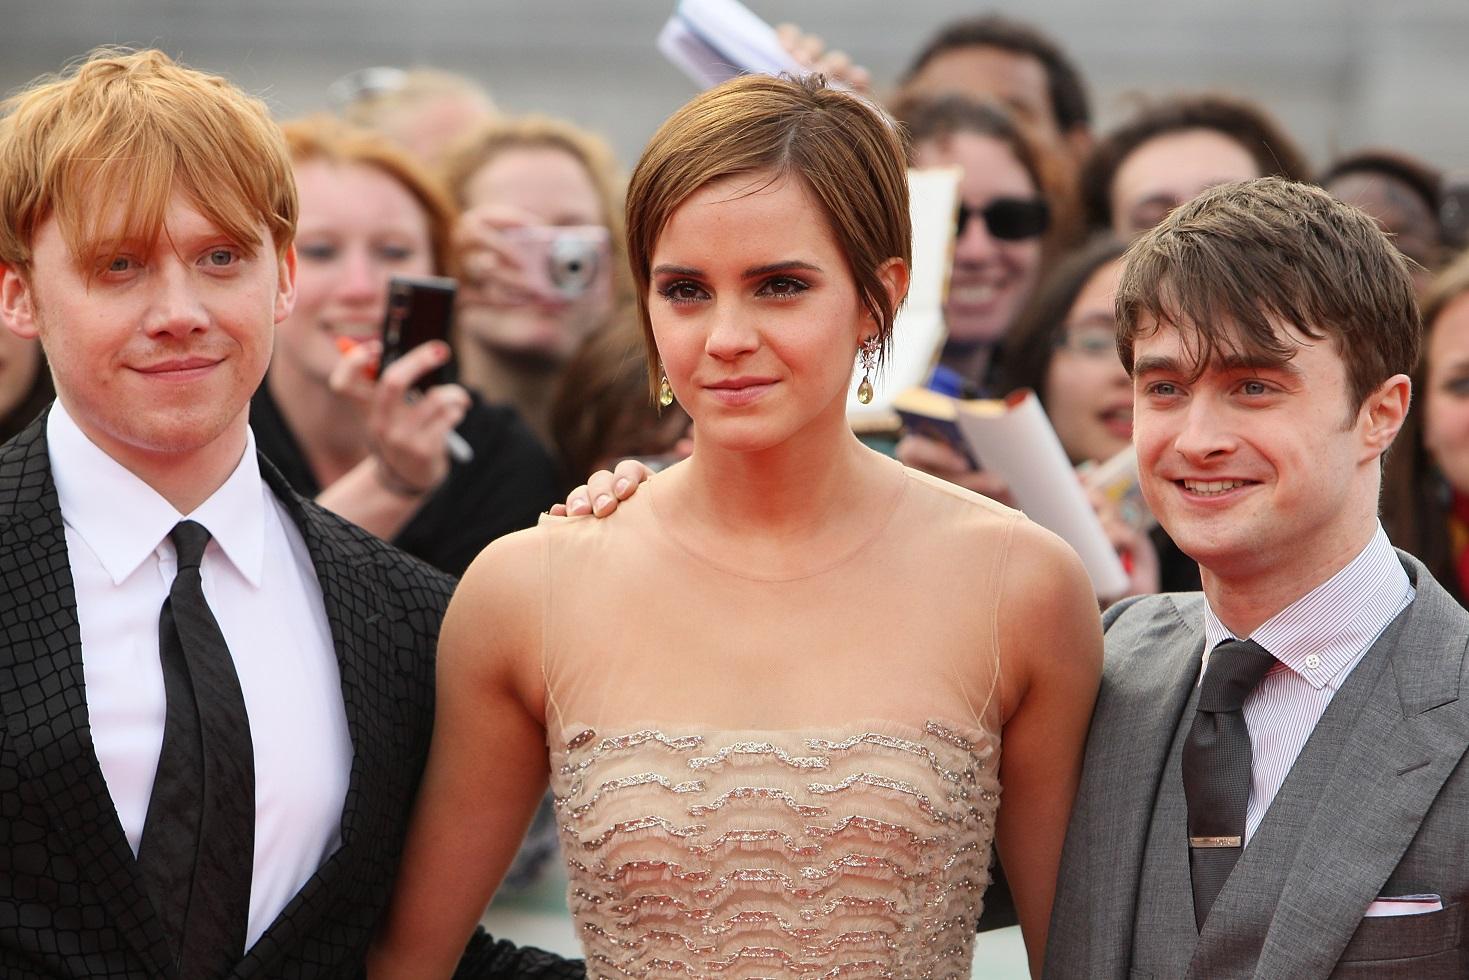 Glee cast dating in het echte leven 2011 Hoe te beginnen met chatten op dating sites